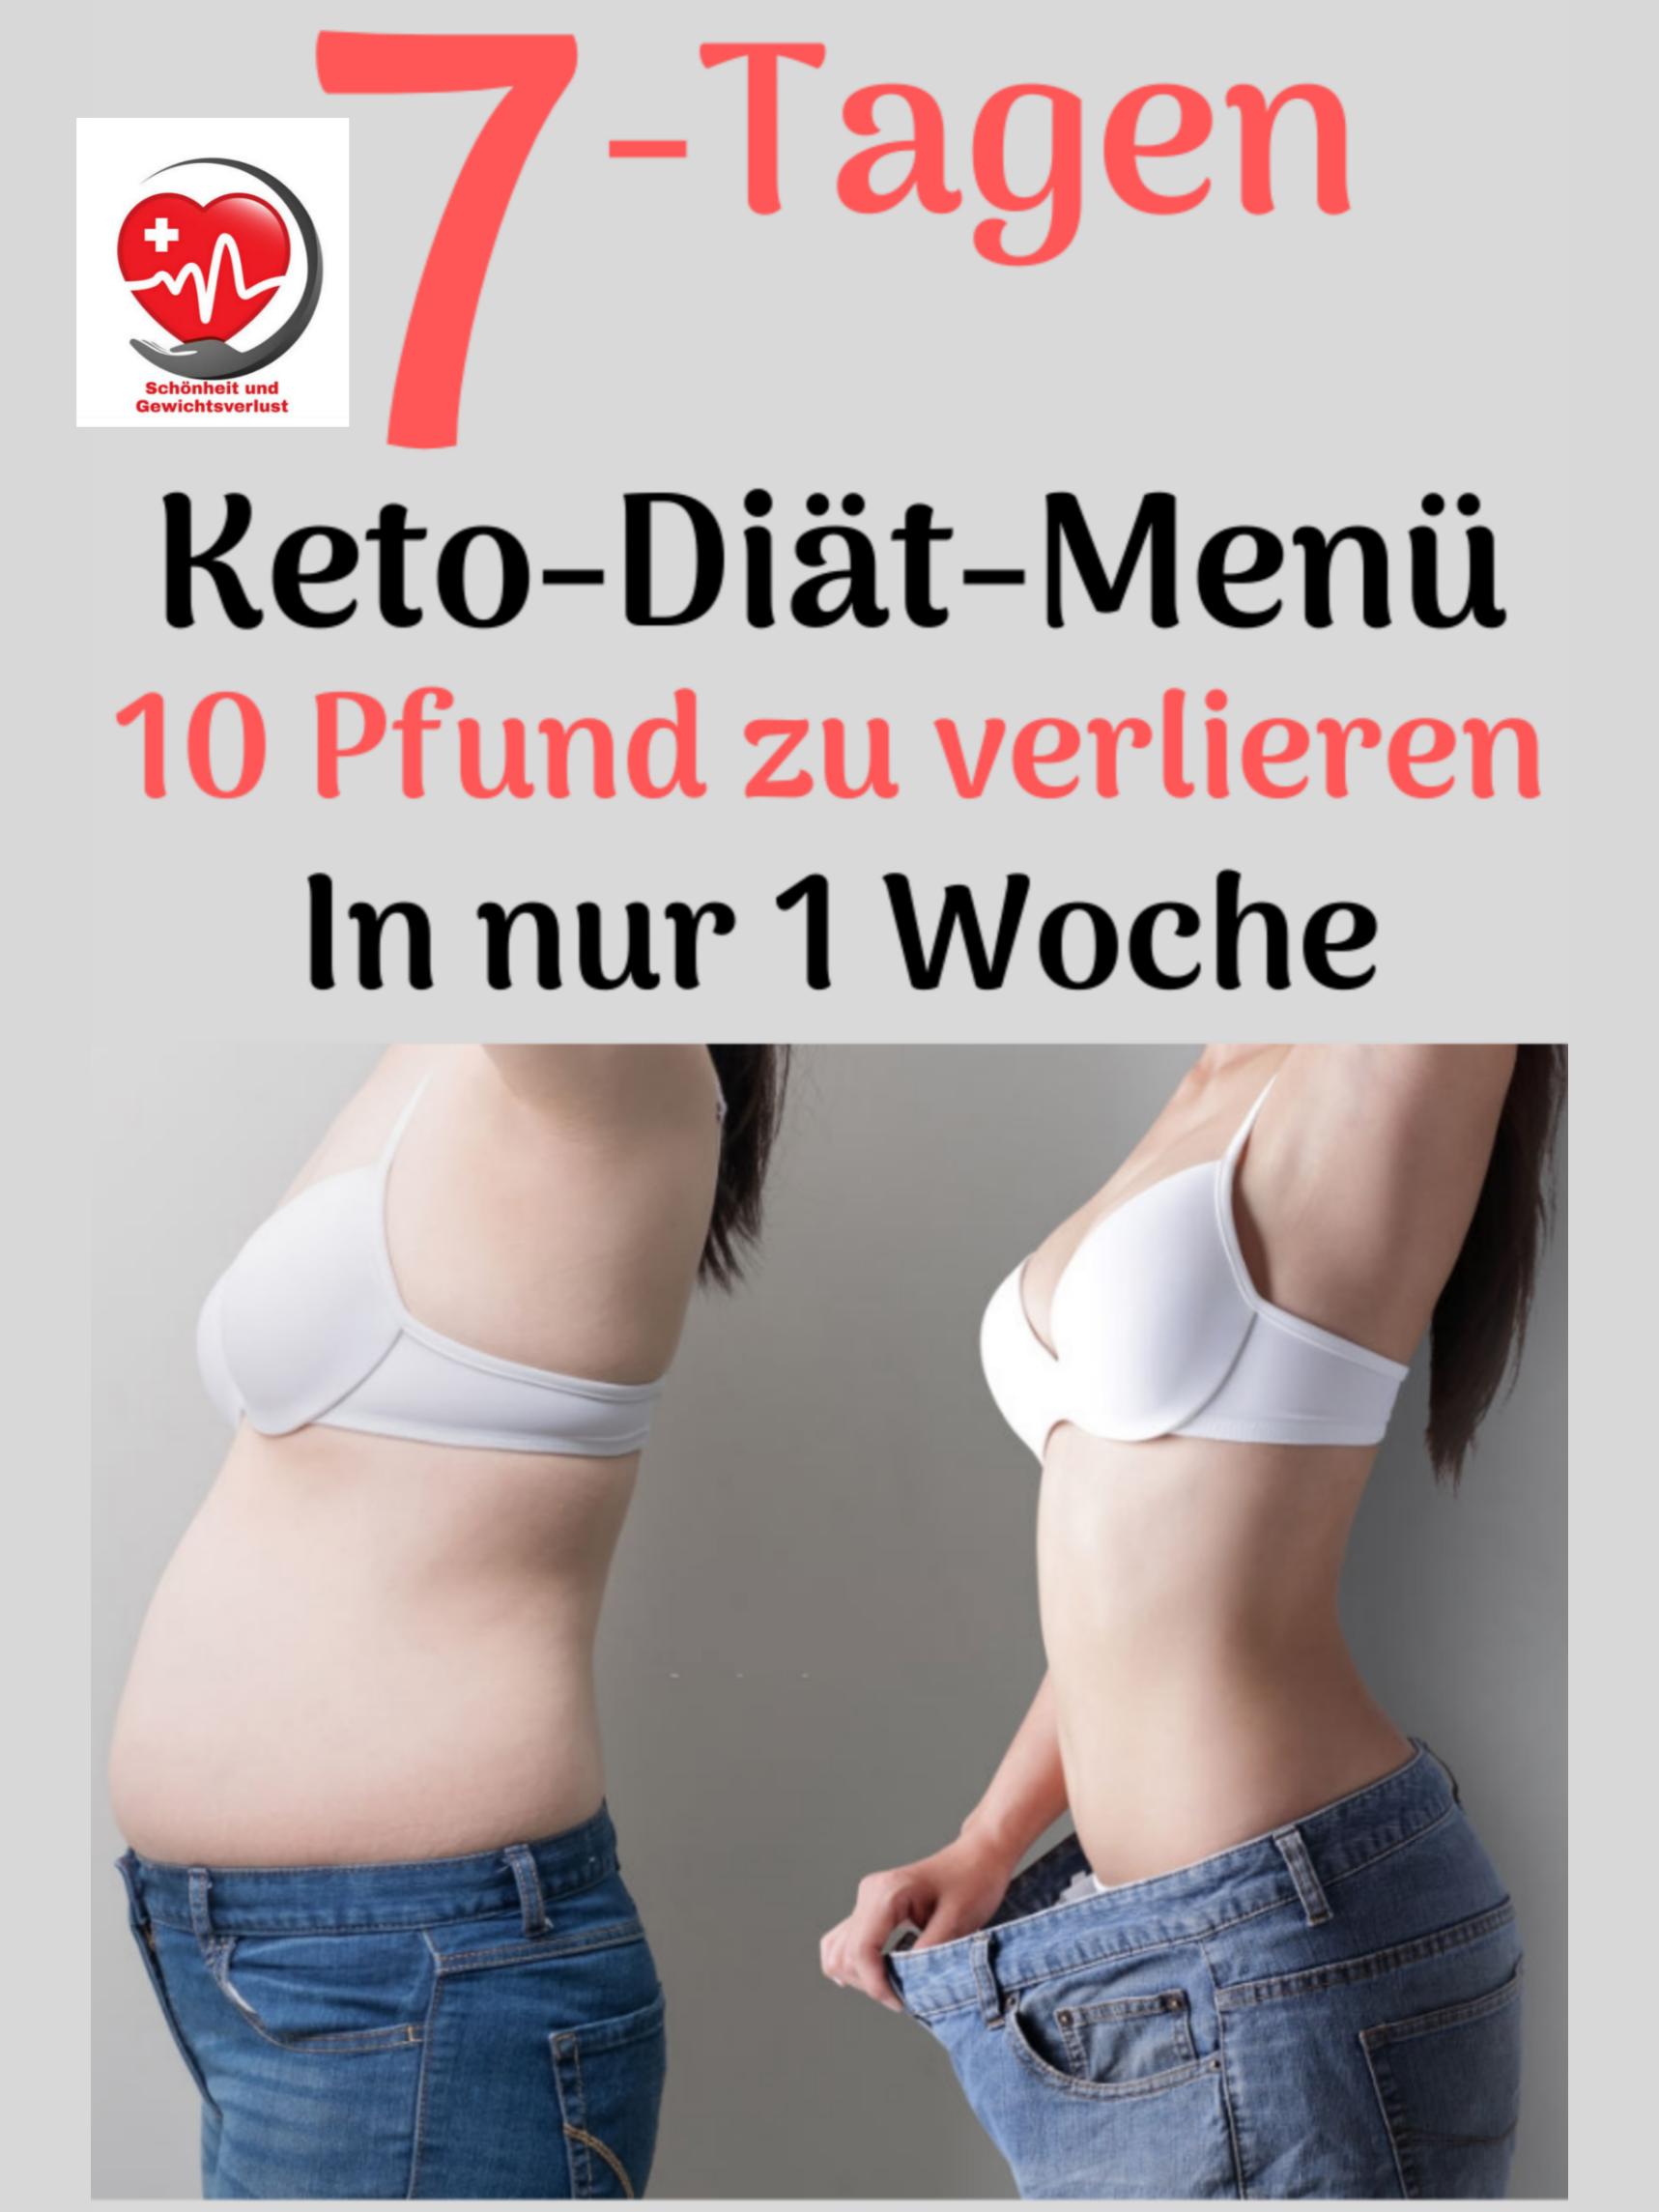 Diätmenü zur Gewichtszunahme